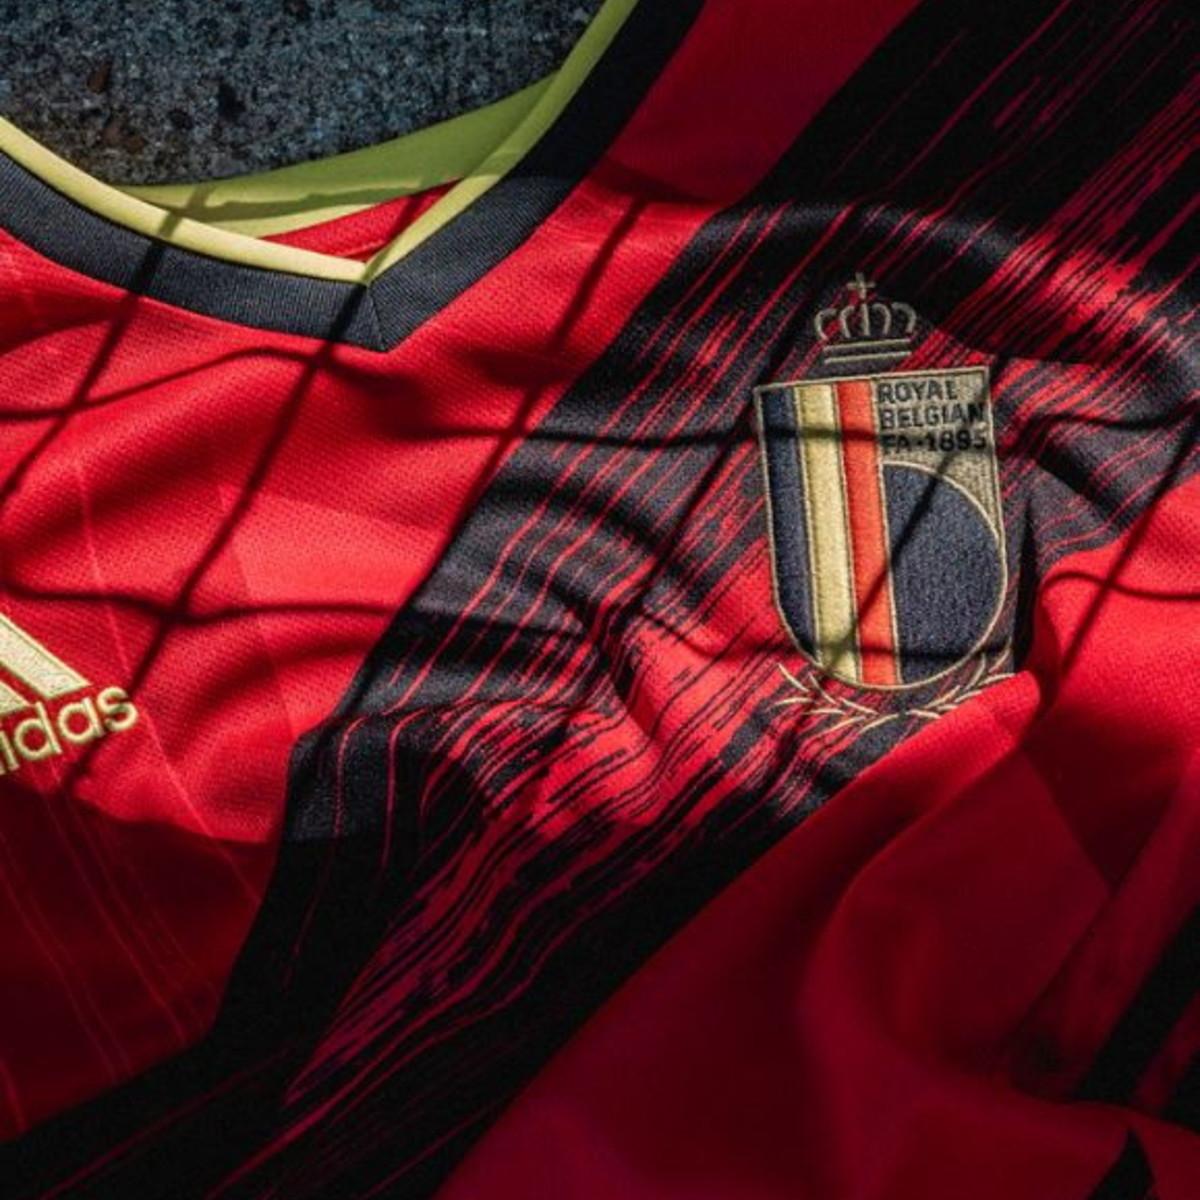 Adidas ha svelato la maglia del Belgio per gli Europei.